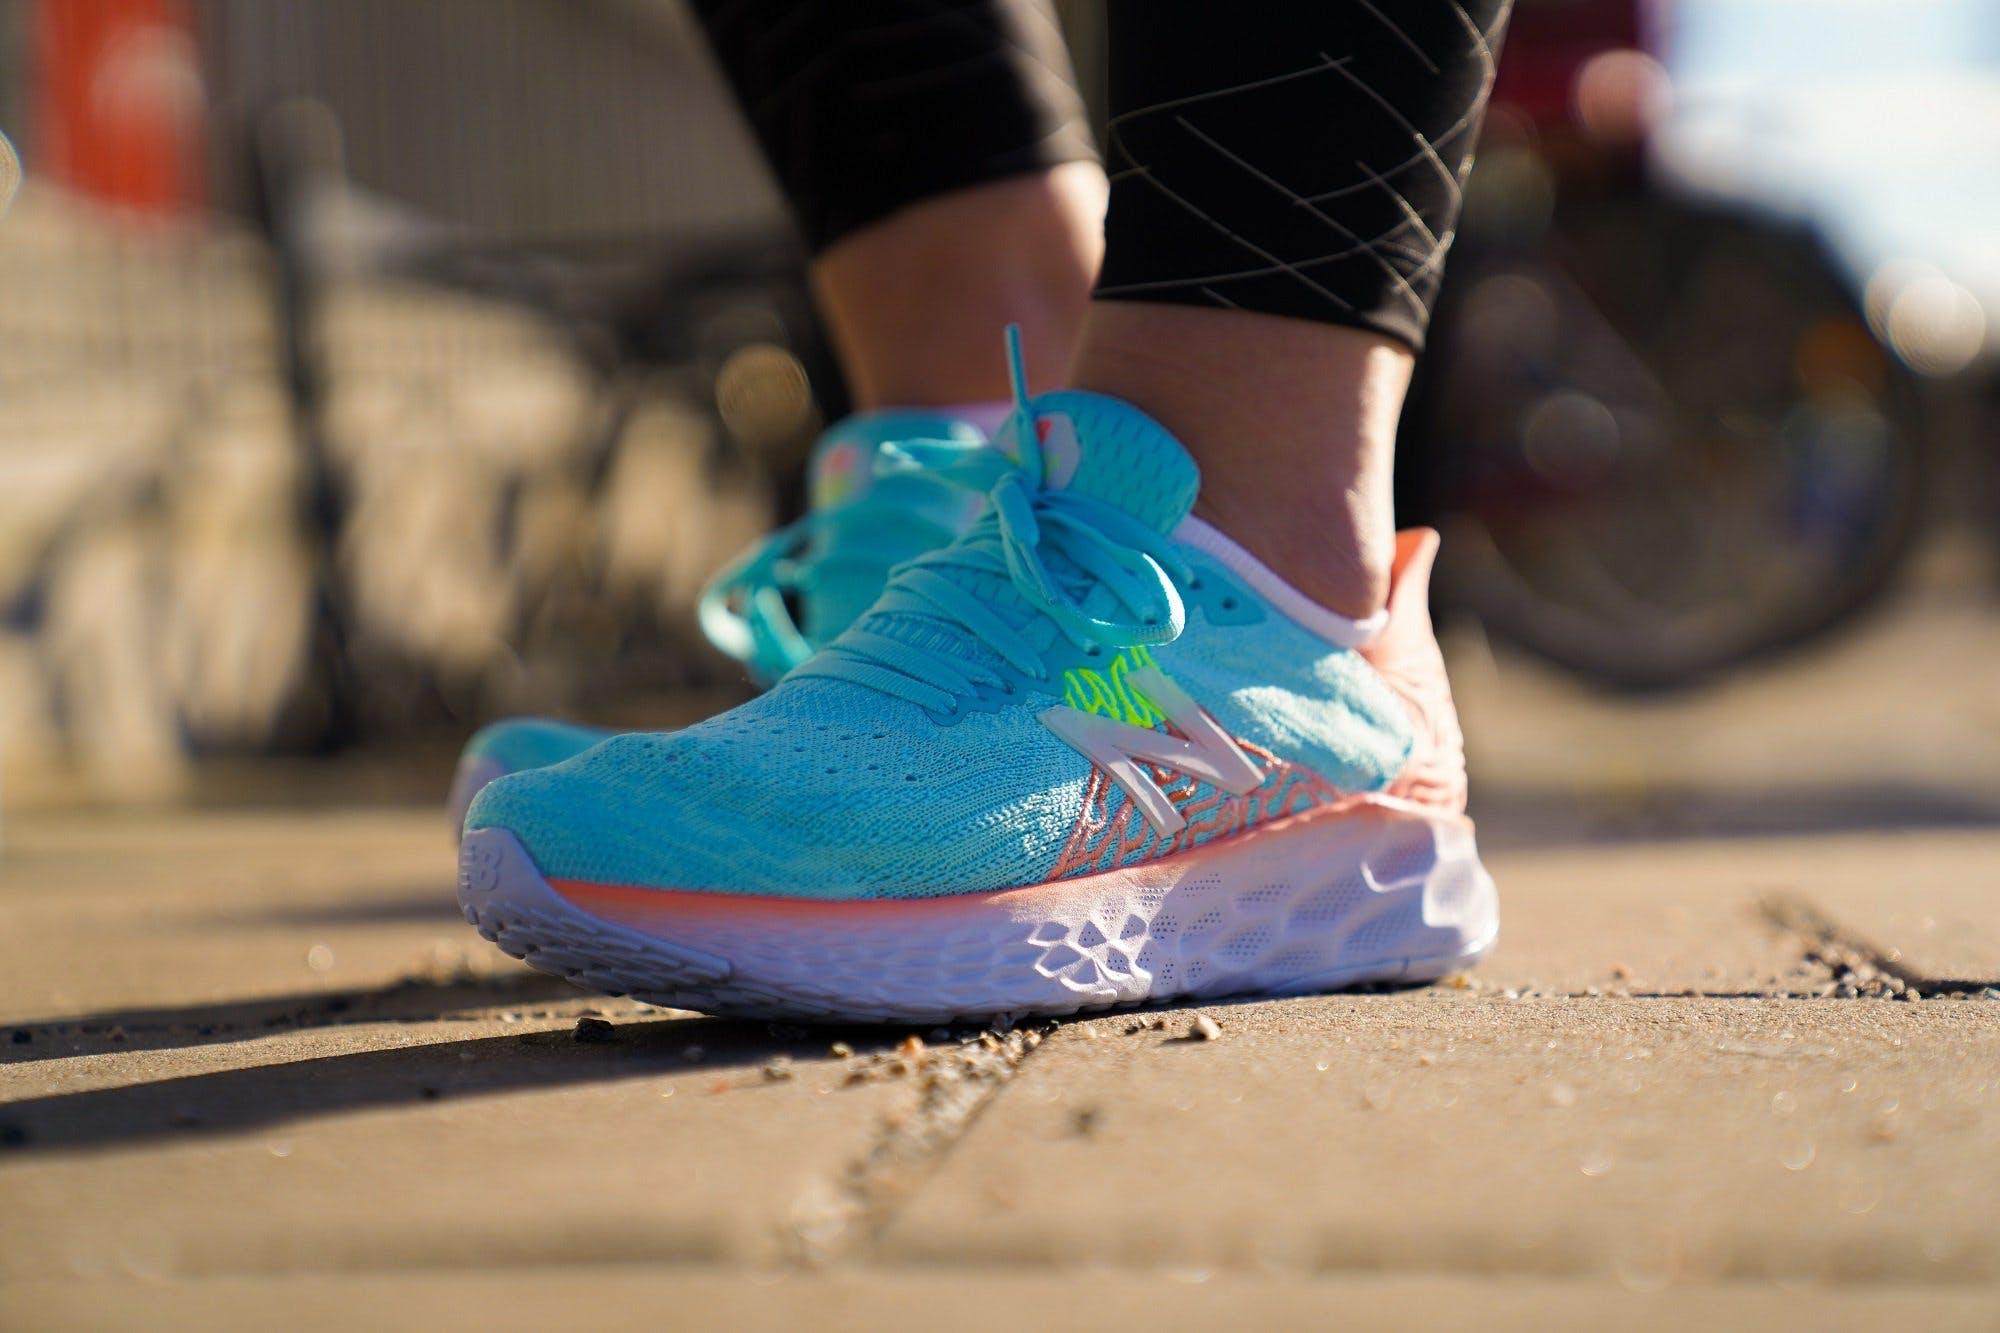 Achetez les bonnes chaussures de course de New Balance   Sportamore